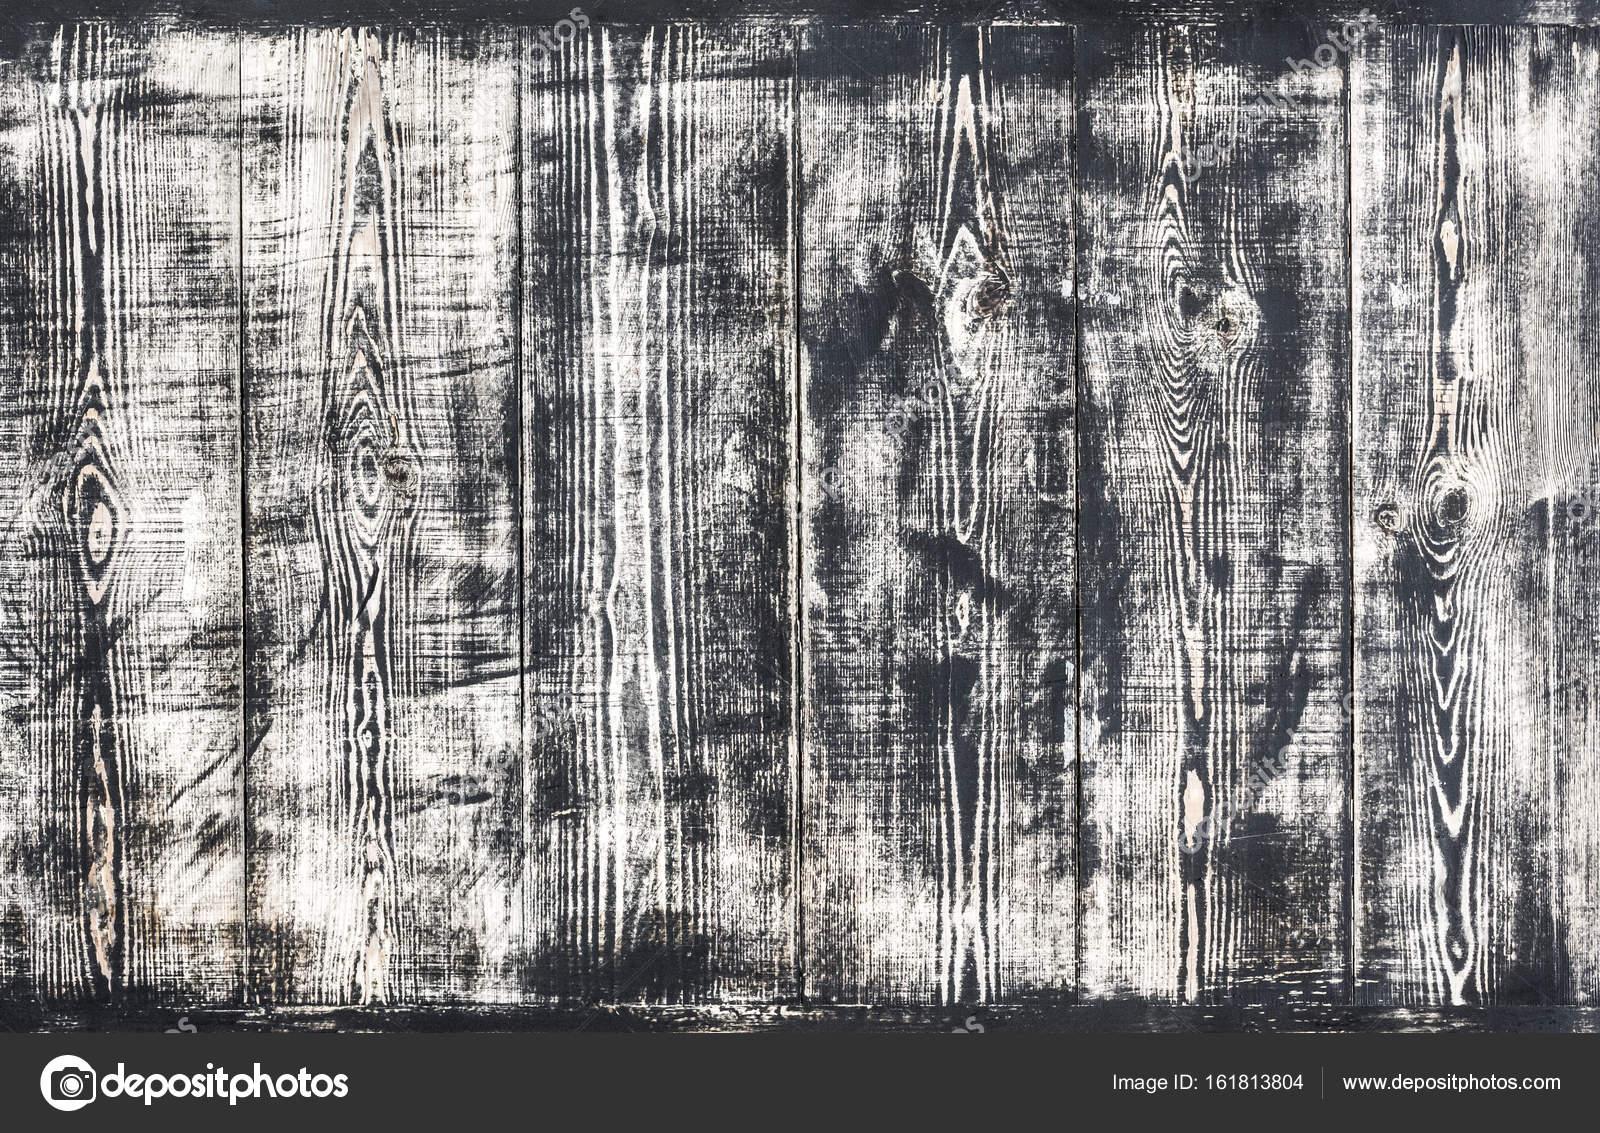 Legno Bianco E Nero : Fondo di legno bianco e nero struttura di legno graffiata u foto